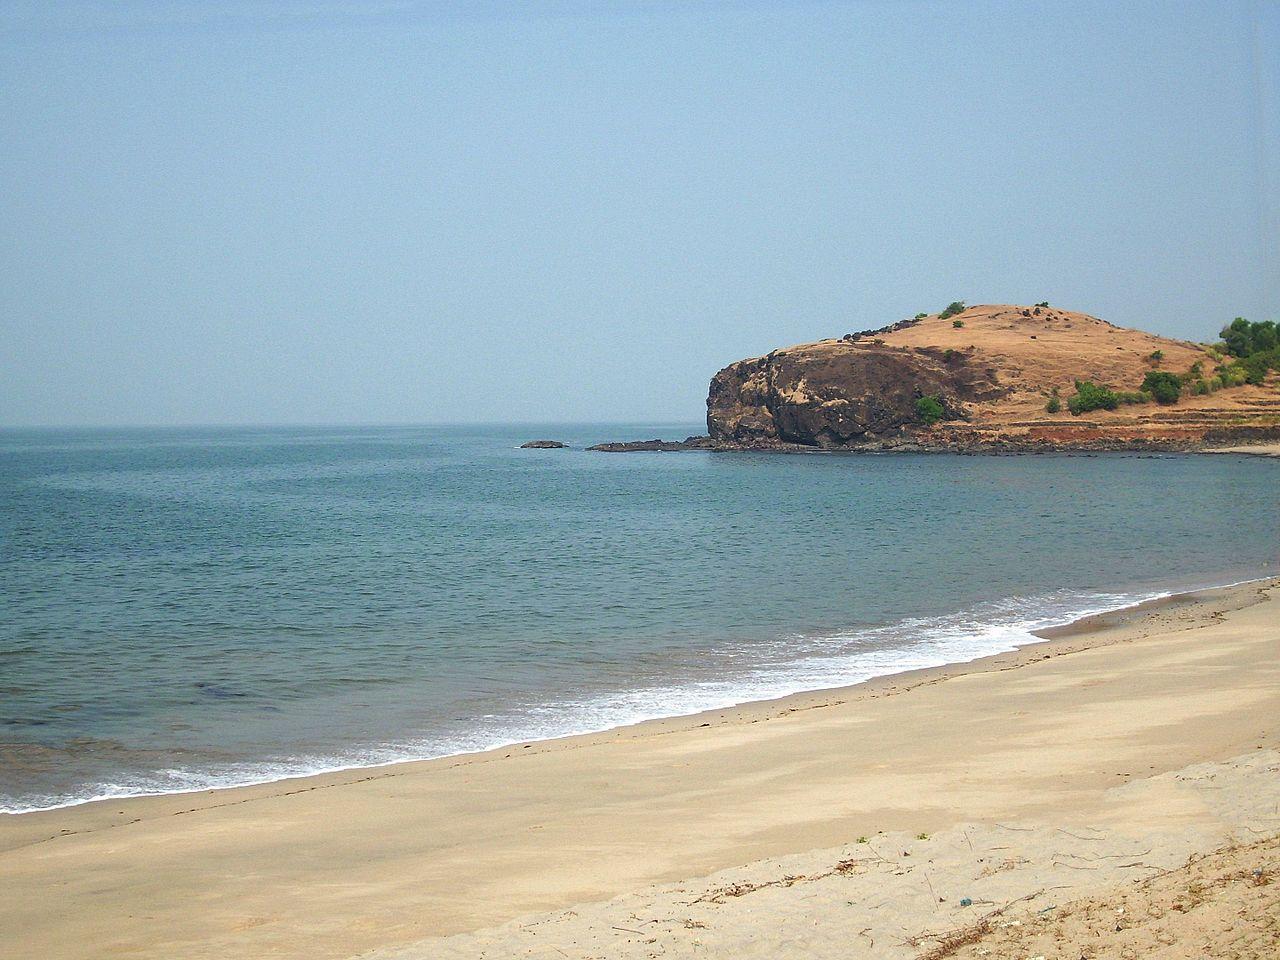 Amazing Diveagar Beach in the Konkan Coast of Maharashtra